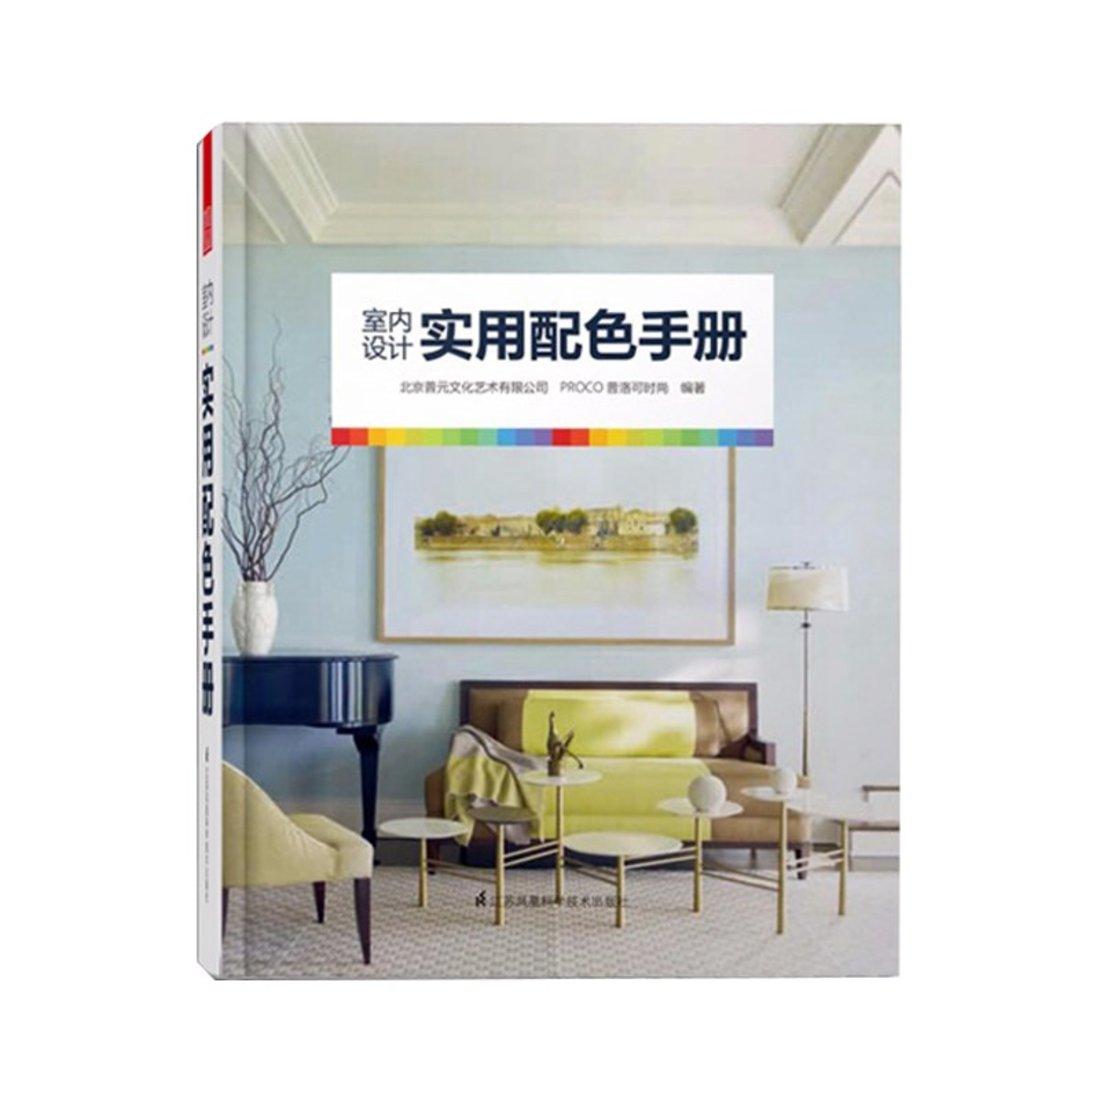 《室内设计实用配色手册》